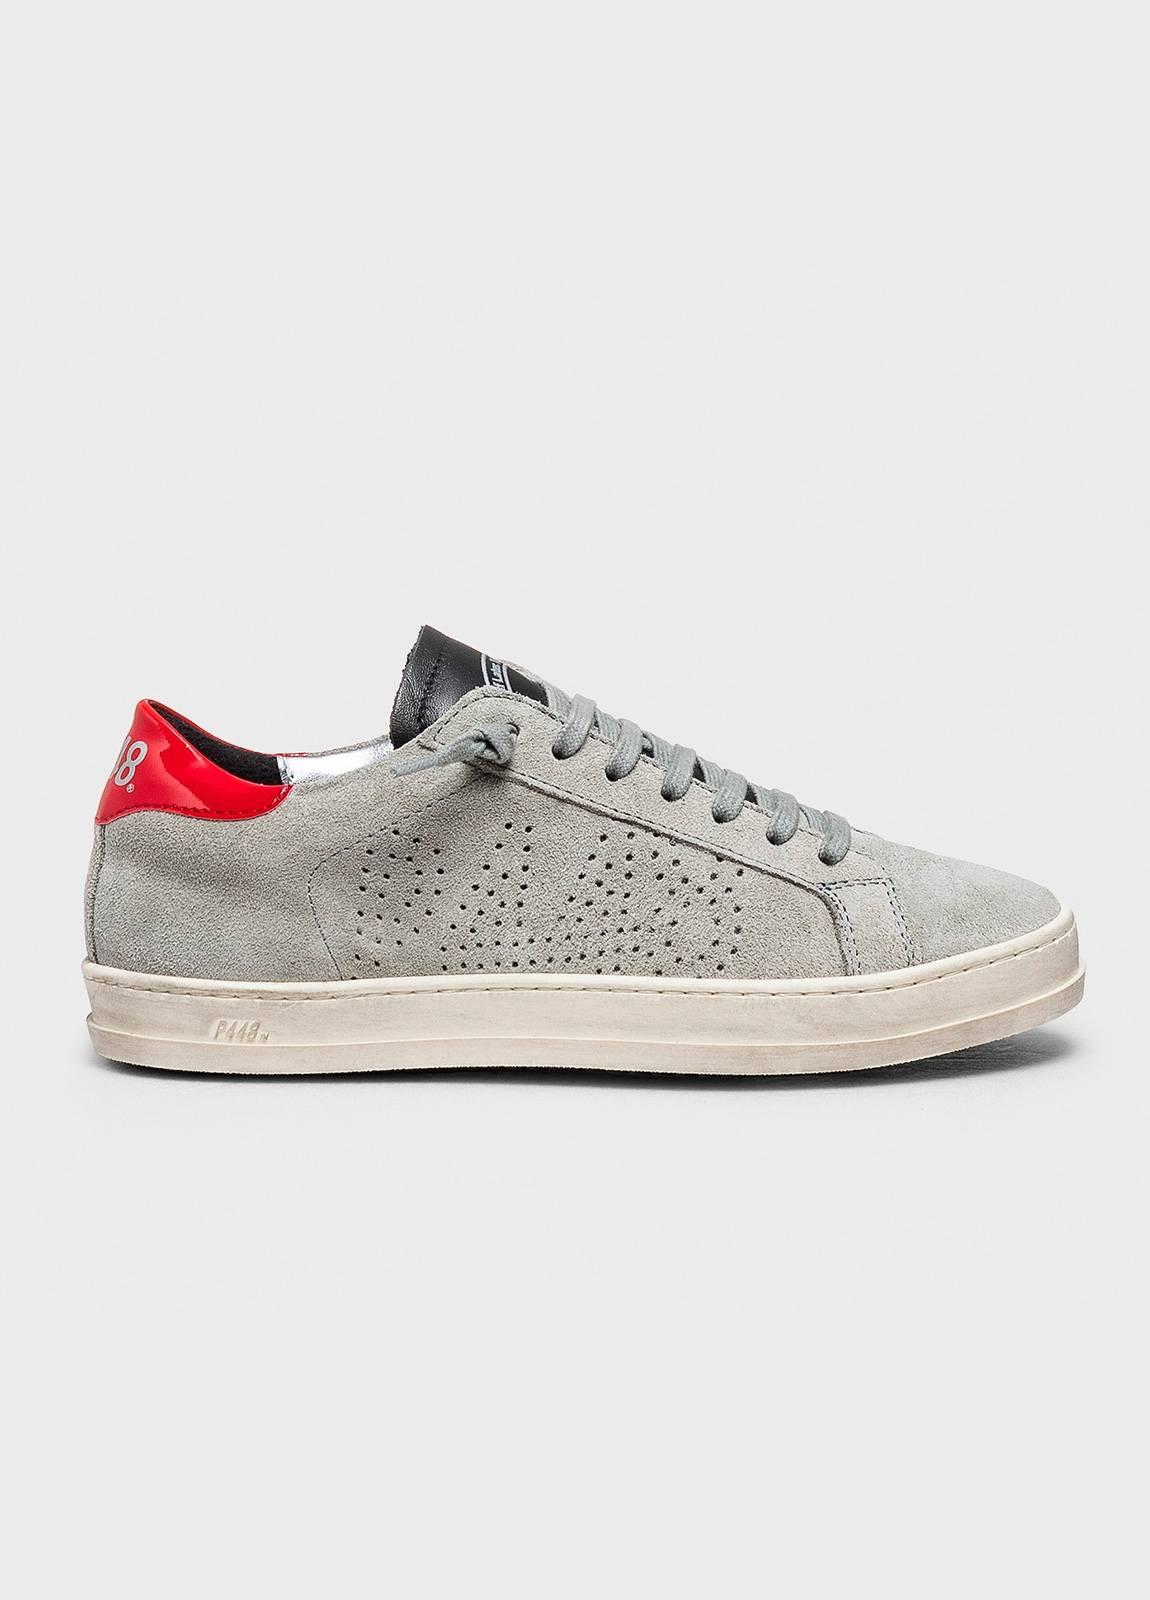 Calzado sport modelo JOHN color gris. Serraje.